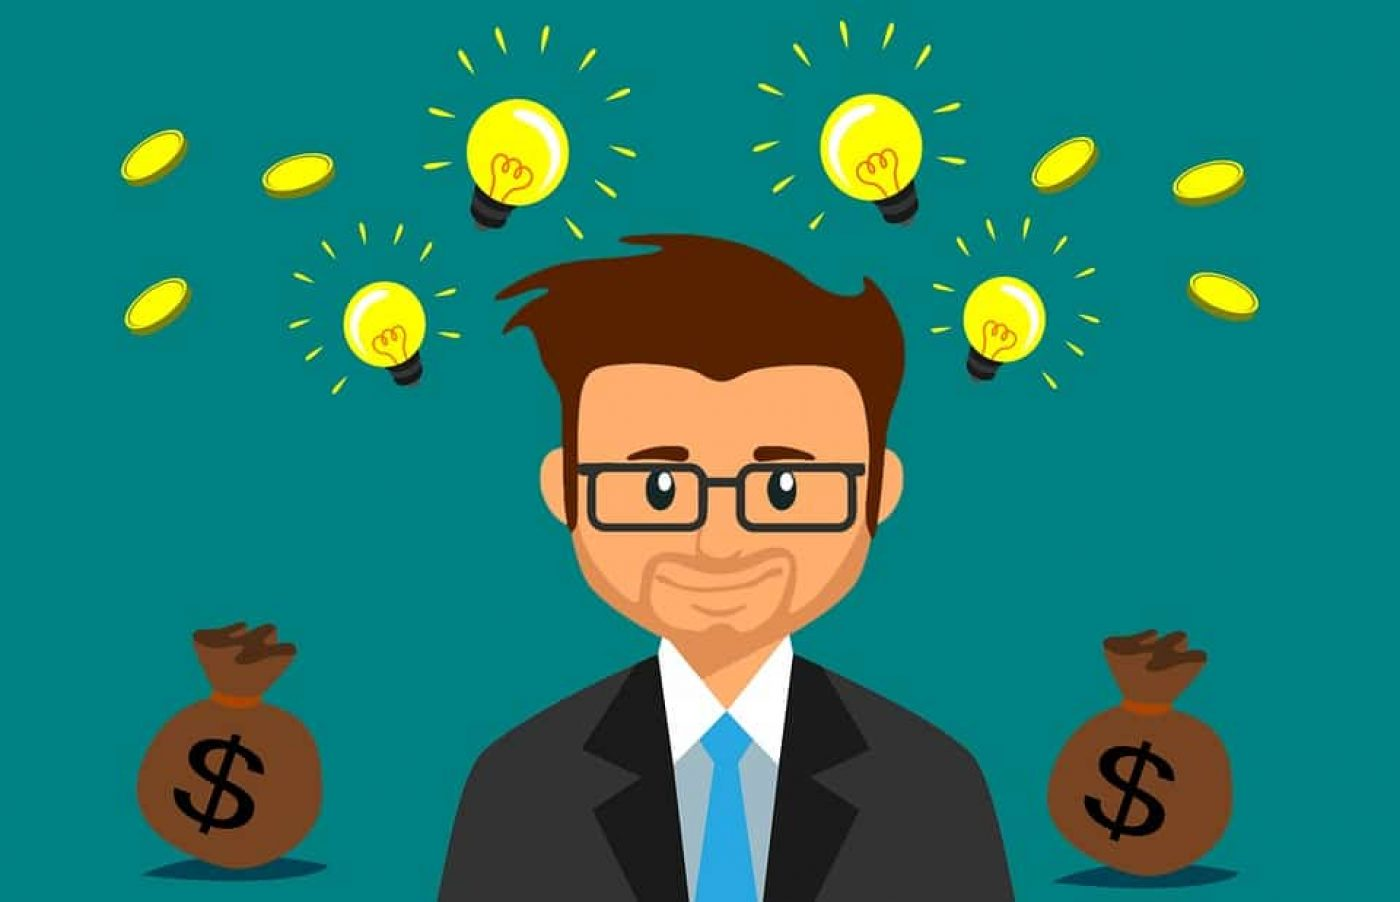 מה ההבדל בין פנסיה תקציבית לפנסיה צוברת